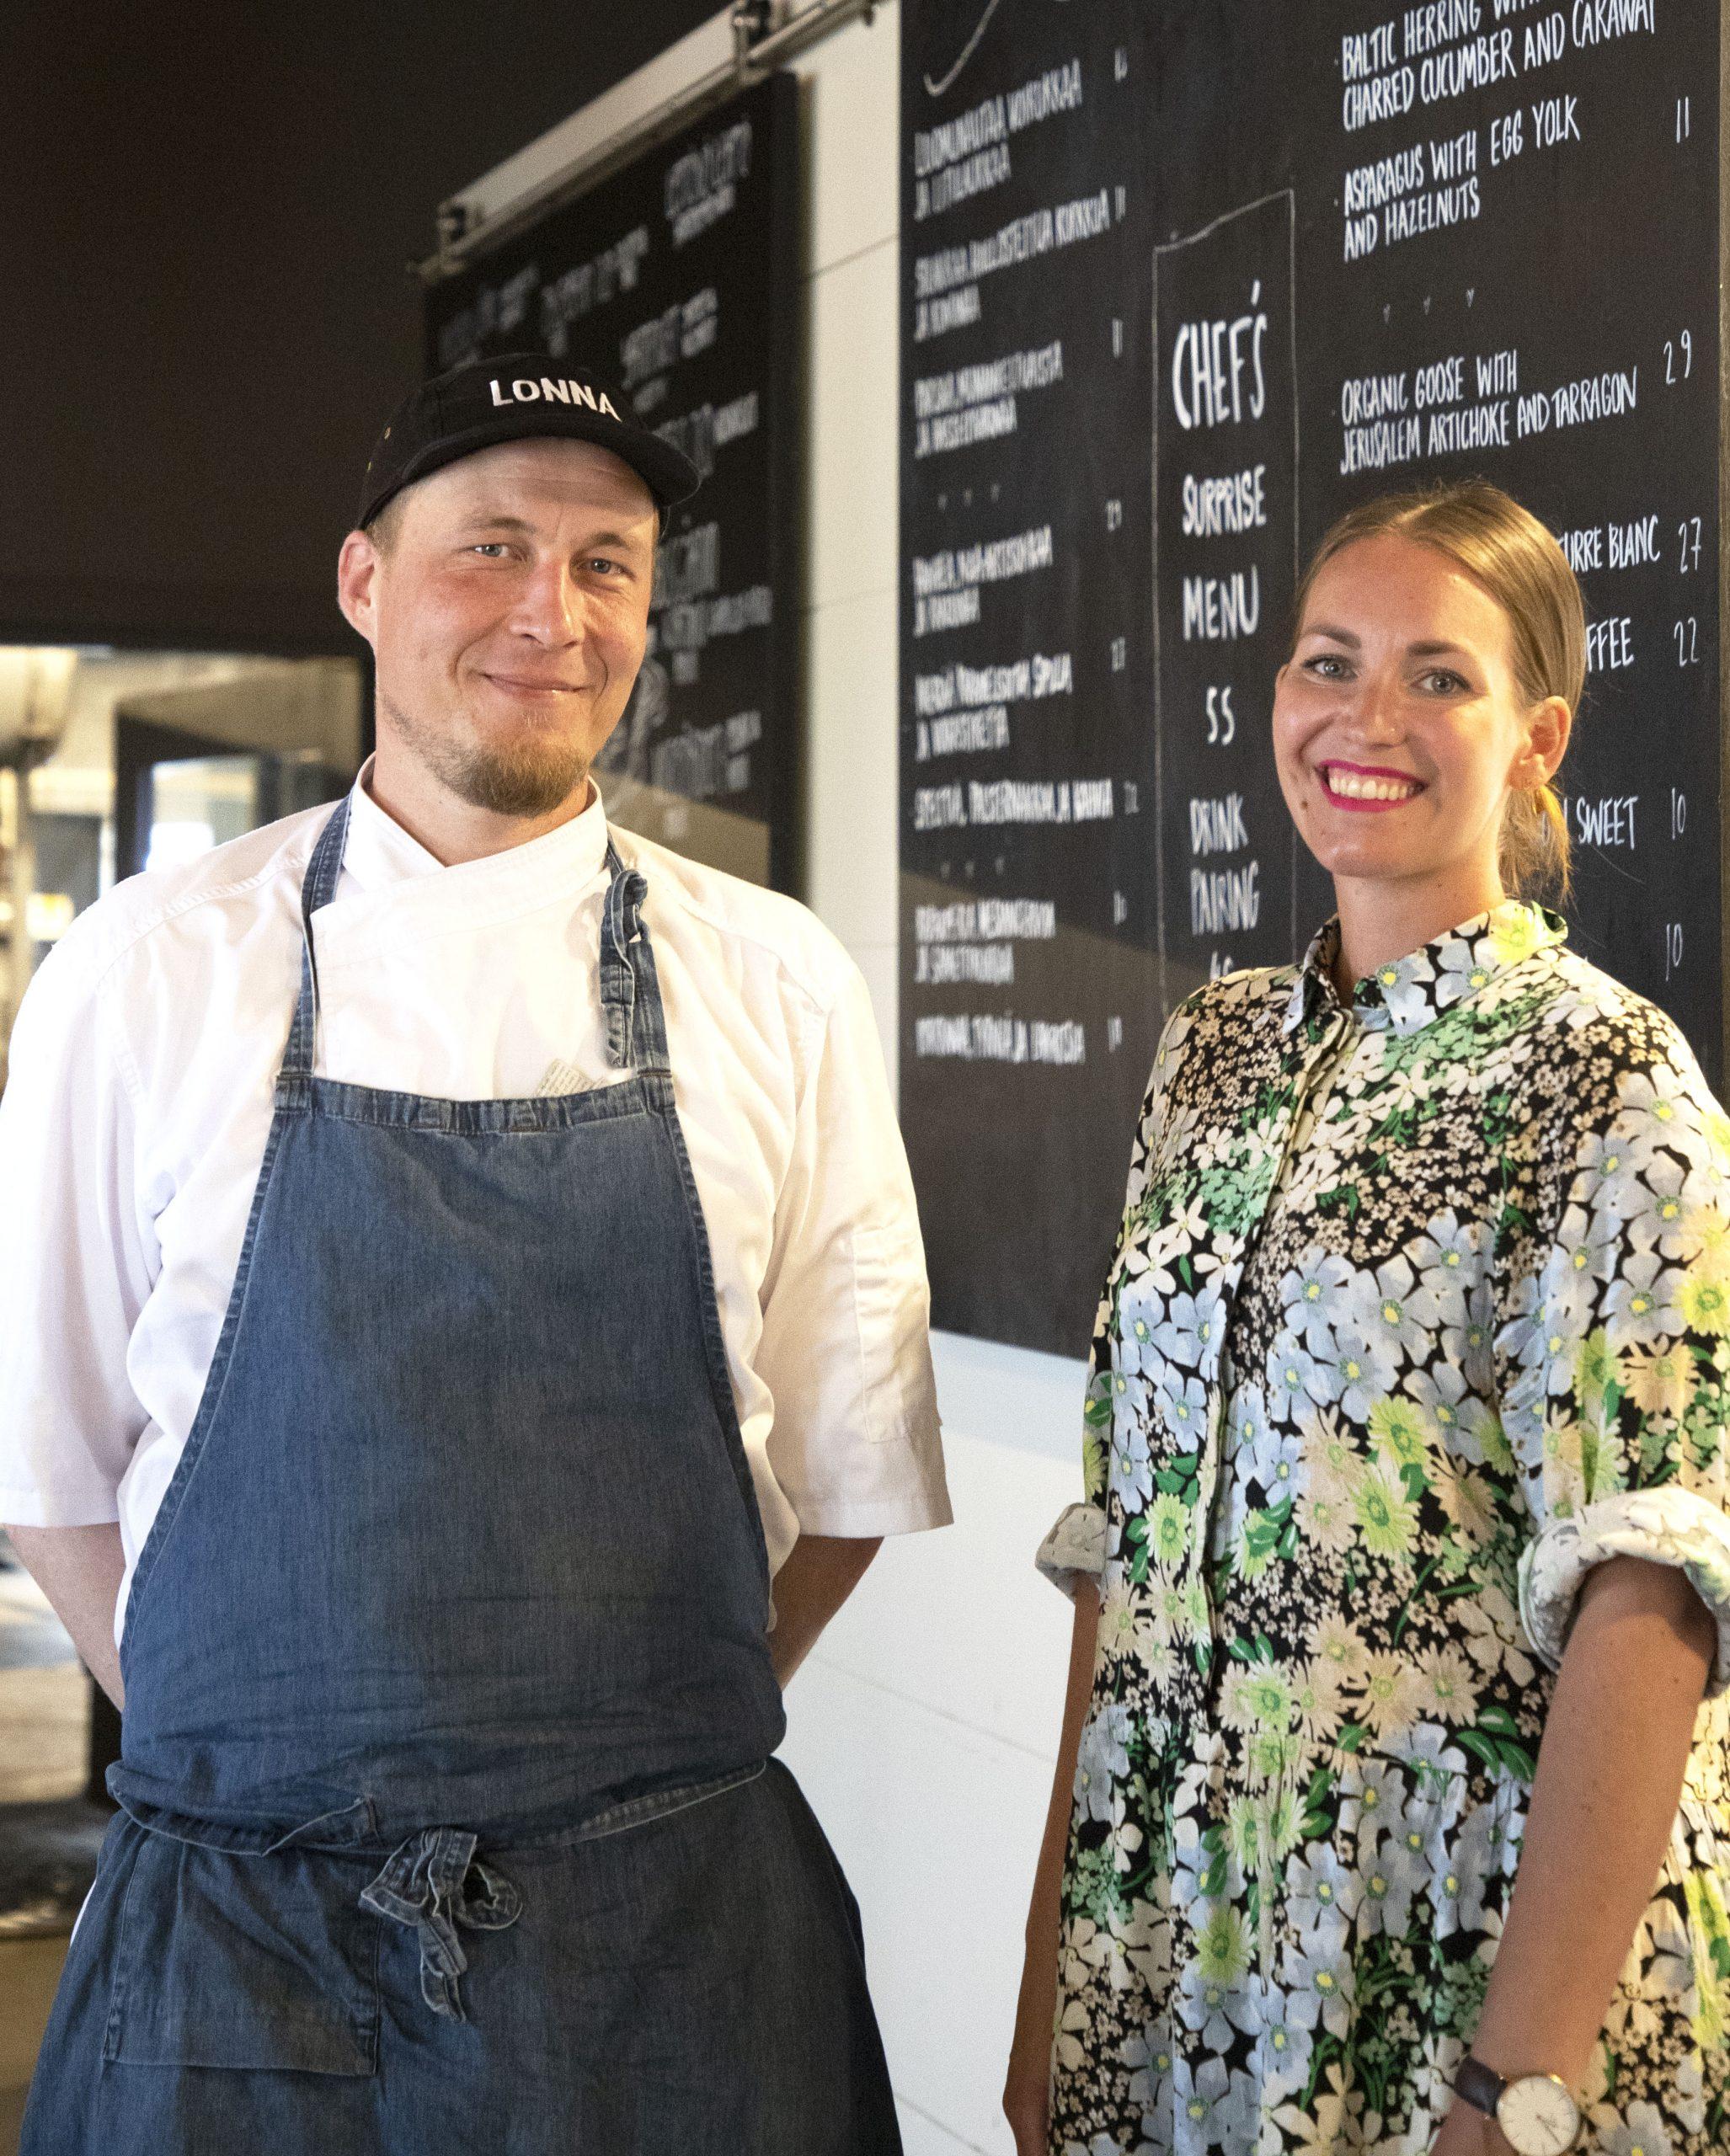 Riina Torstensson ja Tomi Laakso seisovat Lonnan liitutaululle kirjoitetun menun edessä.